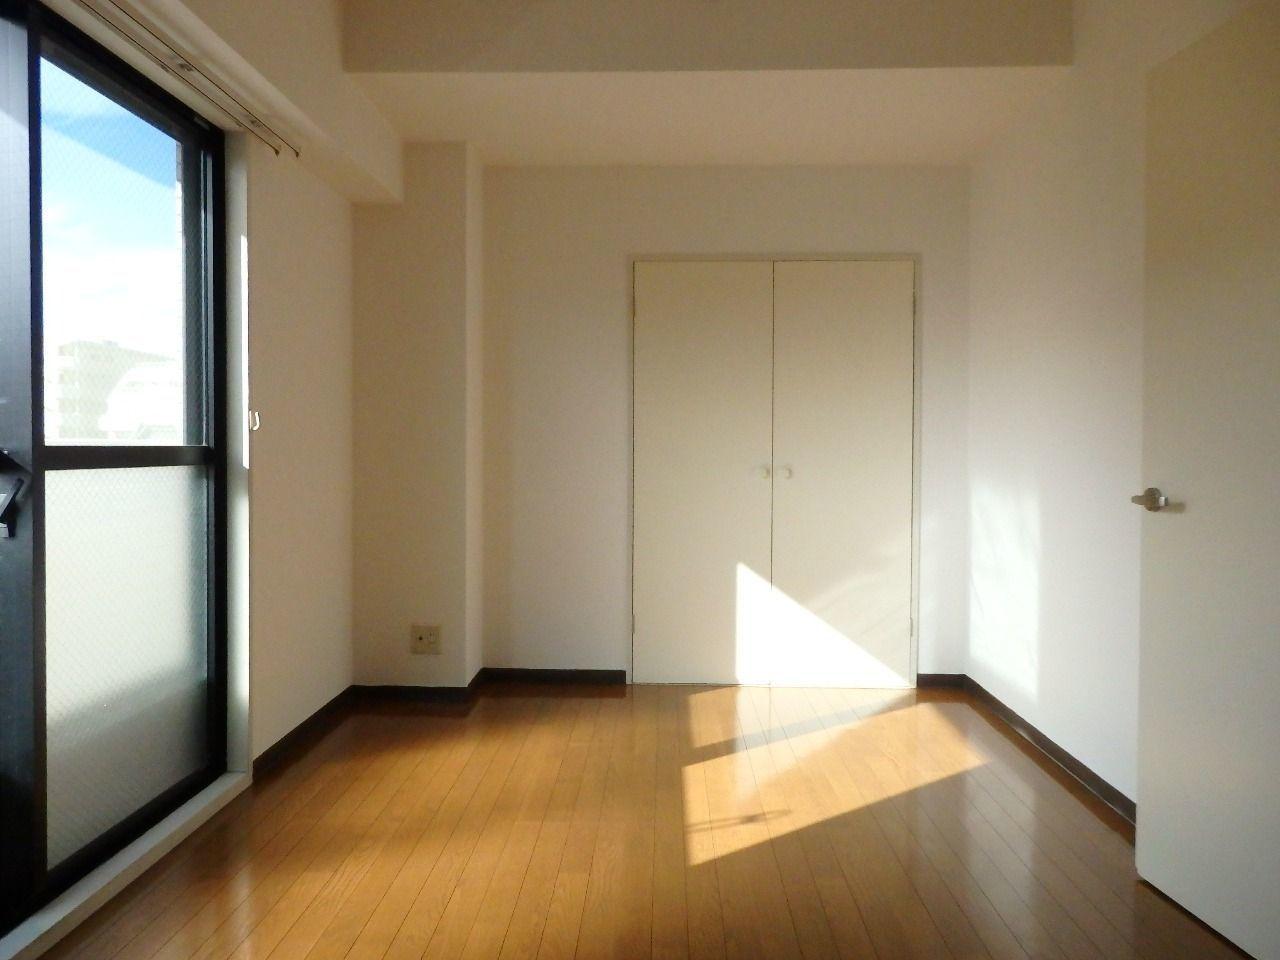 横長の7.2帖の洋室は空間利用しやすいです。